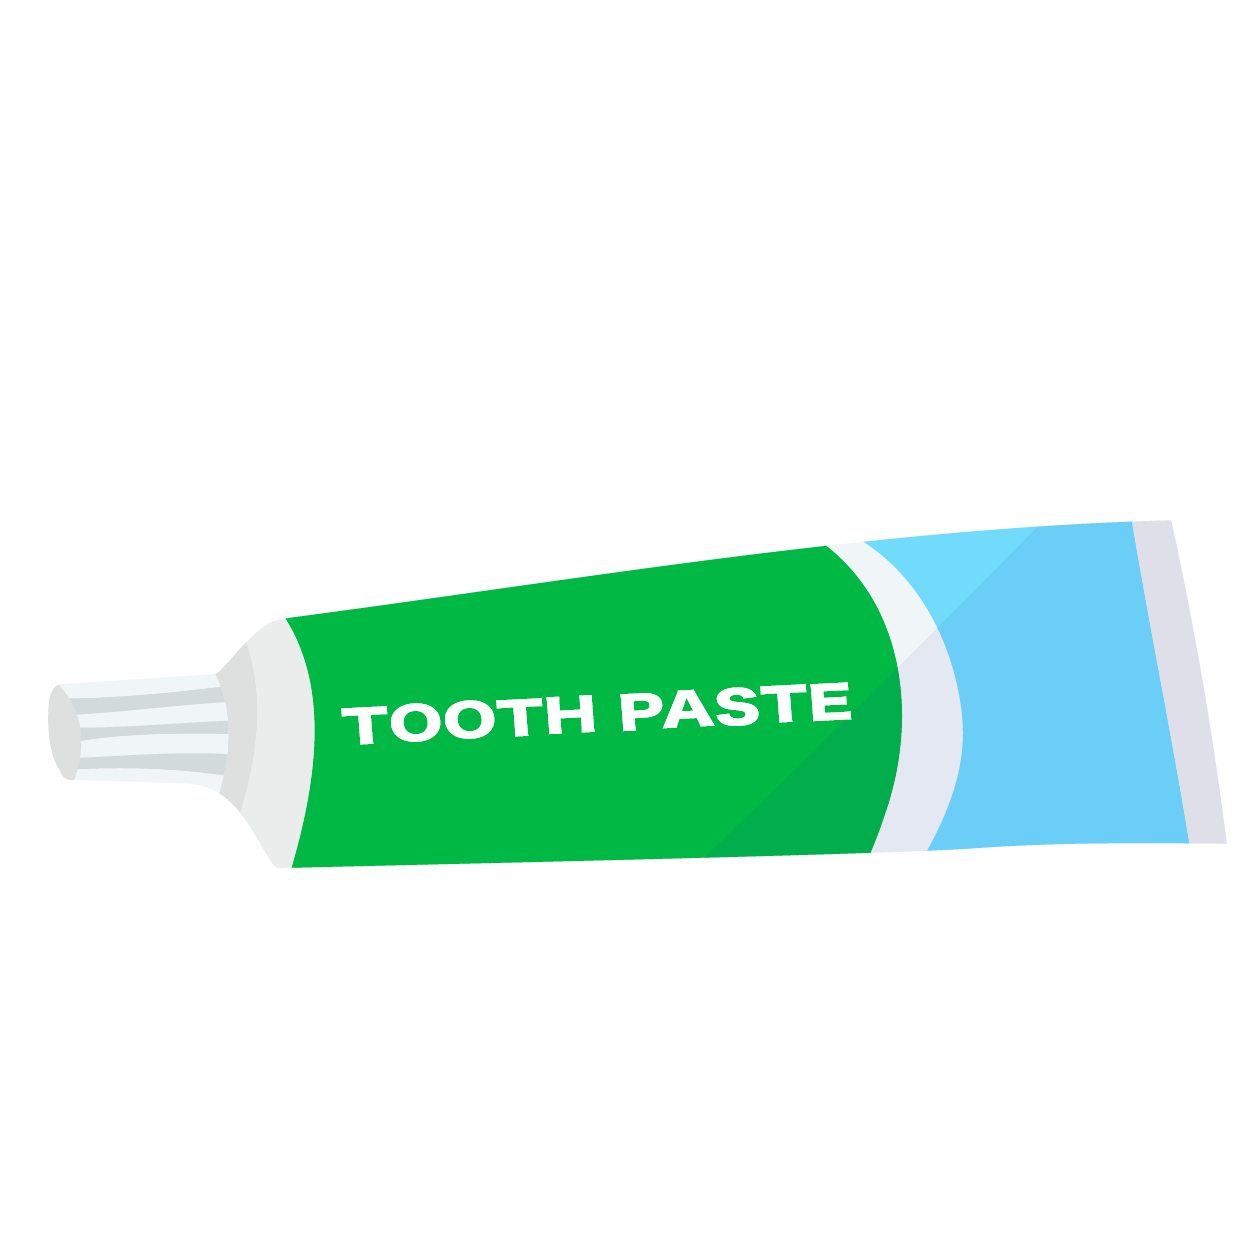 オシャレな歯磨き粉のイラスト 商用フリー無料のイラスト素材なら